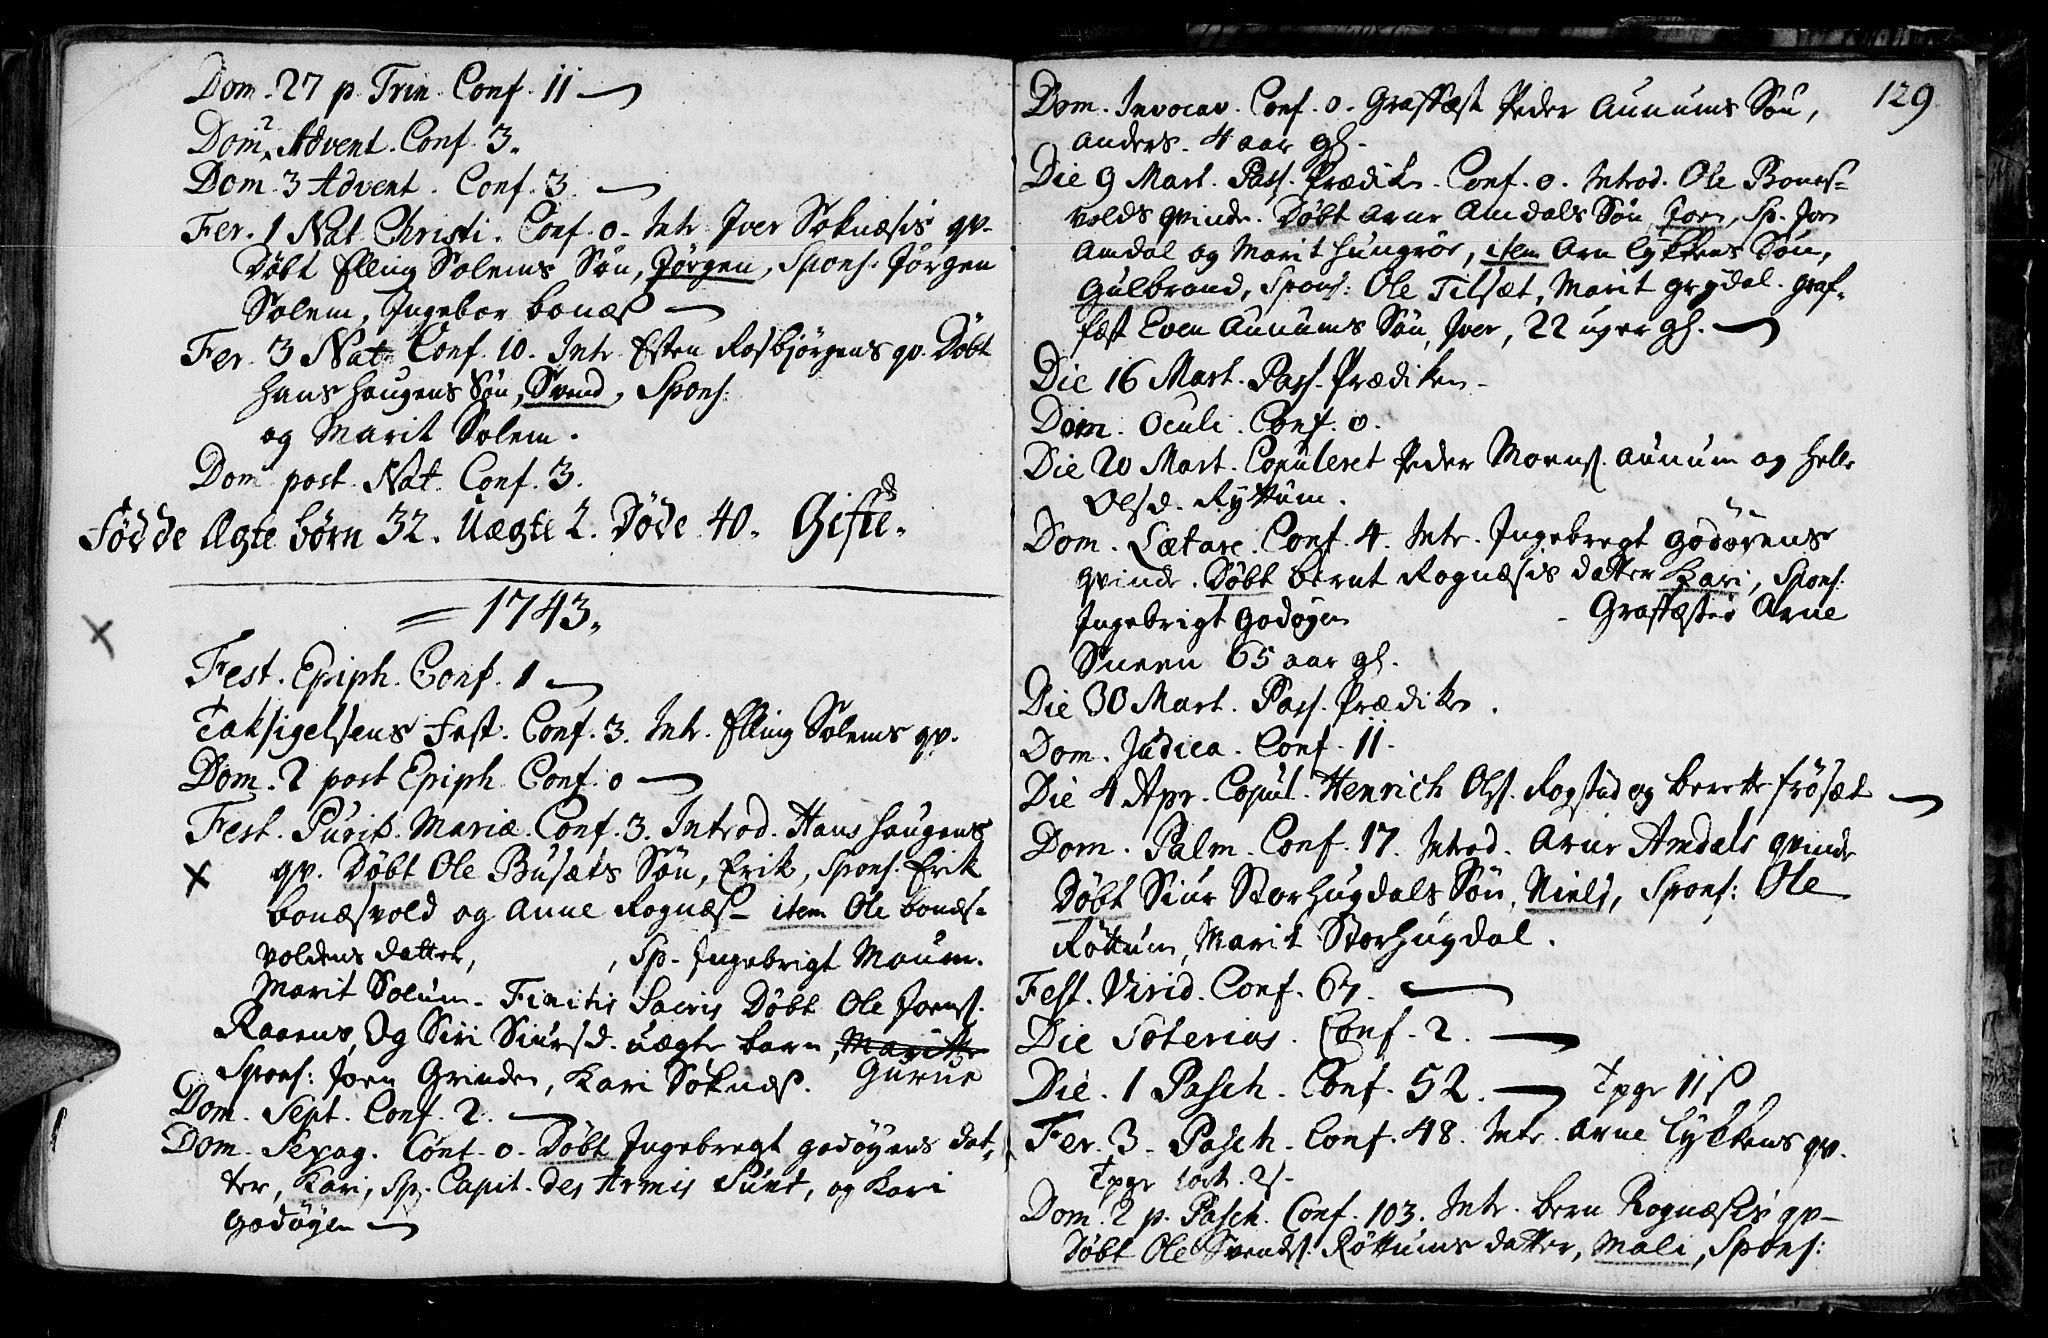 SAT, Ministerialprotokoller, klokkerbøker og fødselsregistre - Sør-Trøndelag, 687/L0990: Ministerialbok nr. 687A01, 1690-1746, s. 129